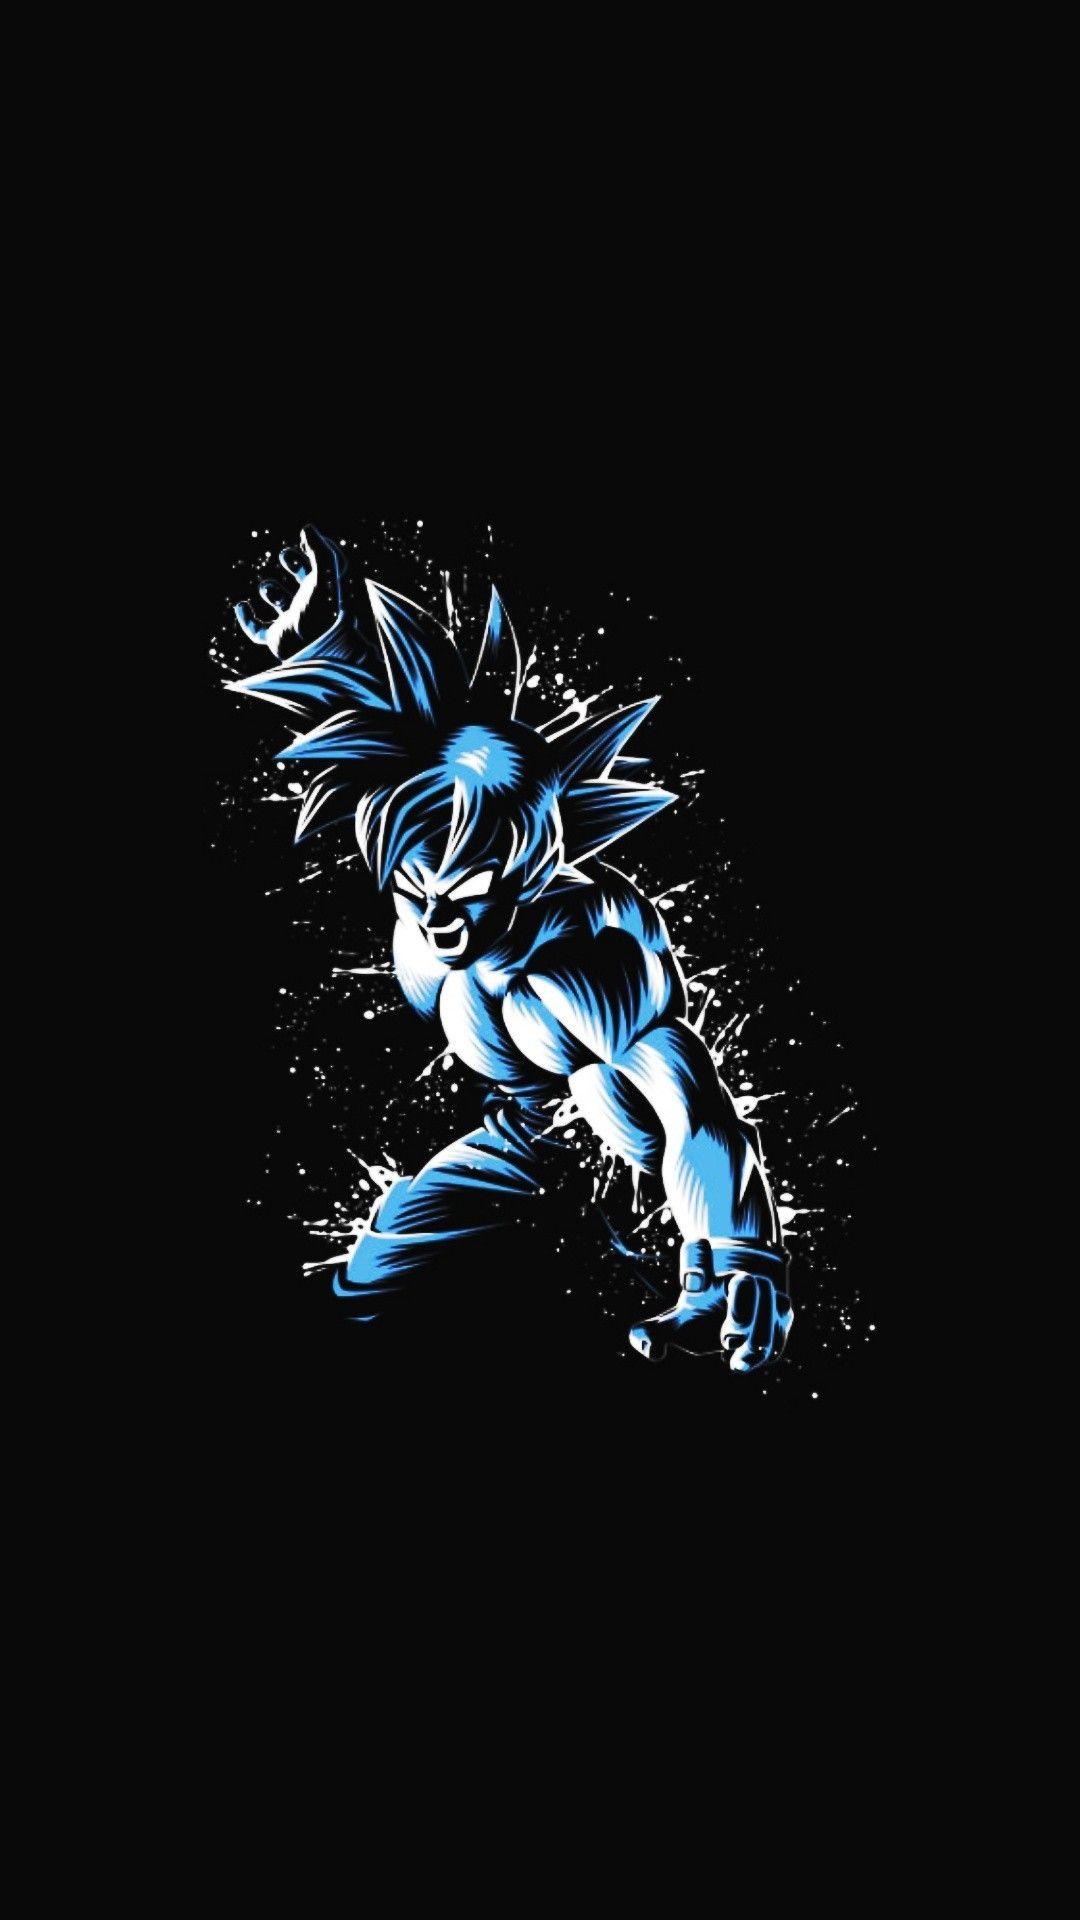 Pin De The Knight En Wallpapers Pantalla De Goku Fondos De Pantalla Goku Flash Fondos De Pantalla